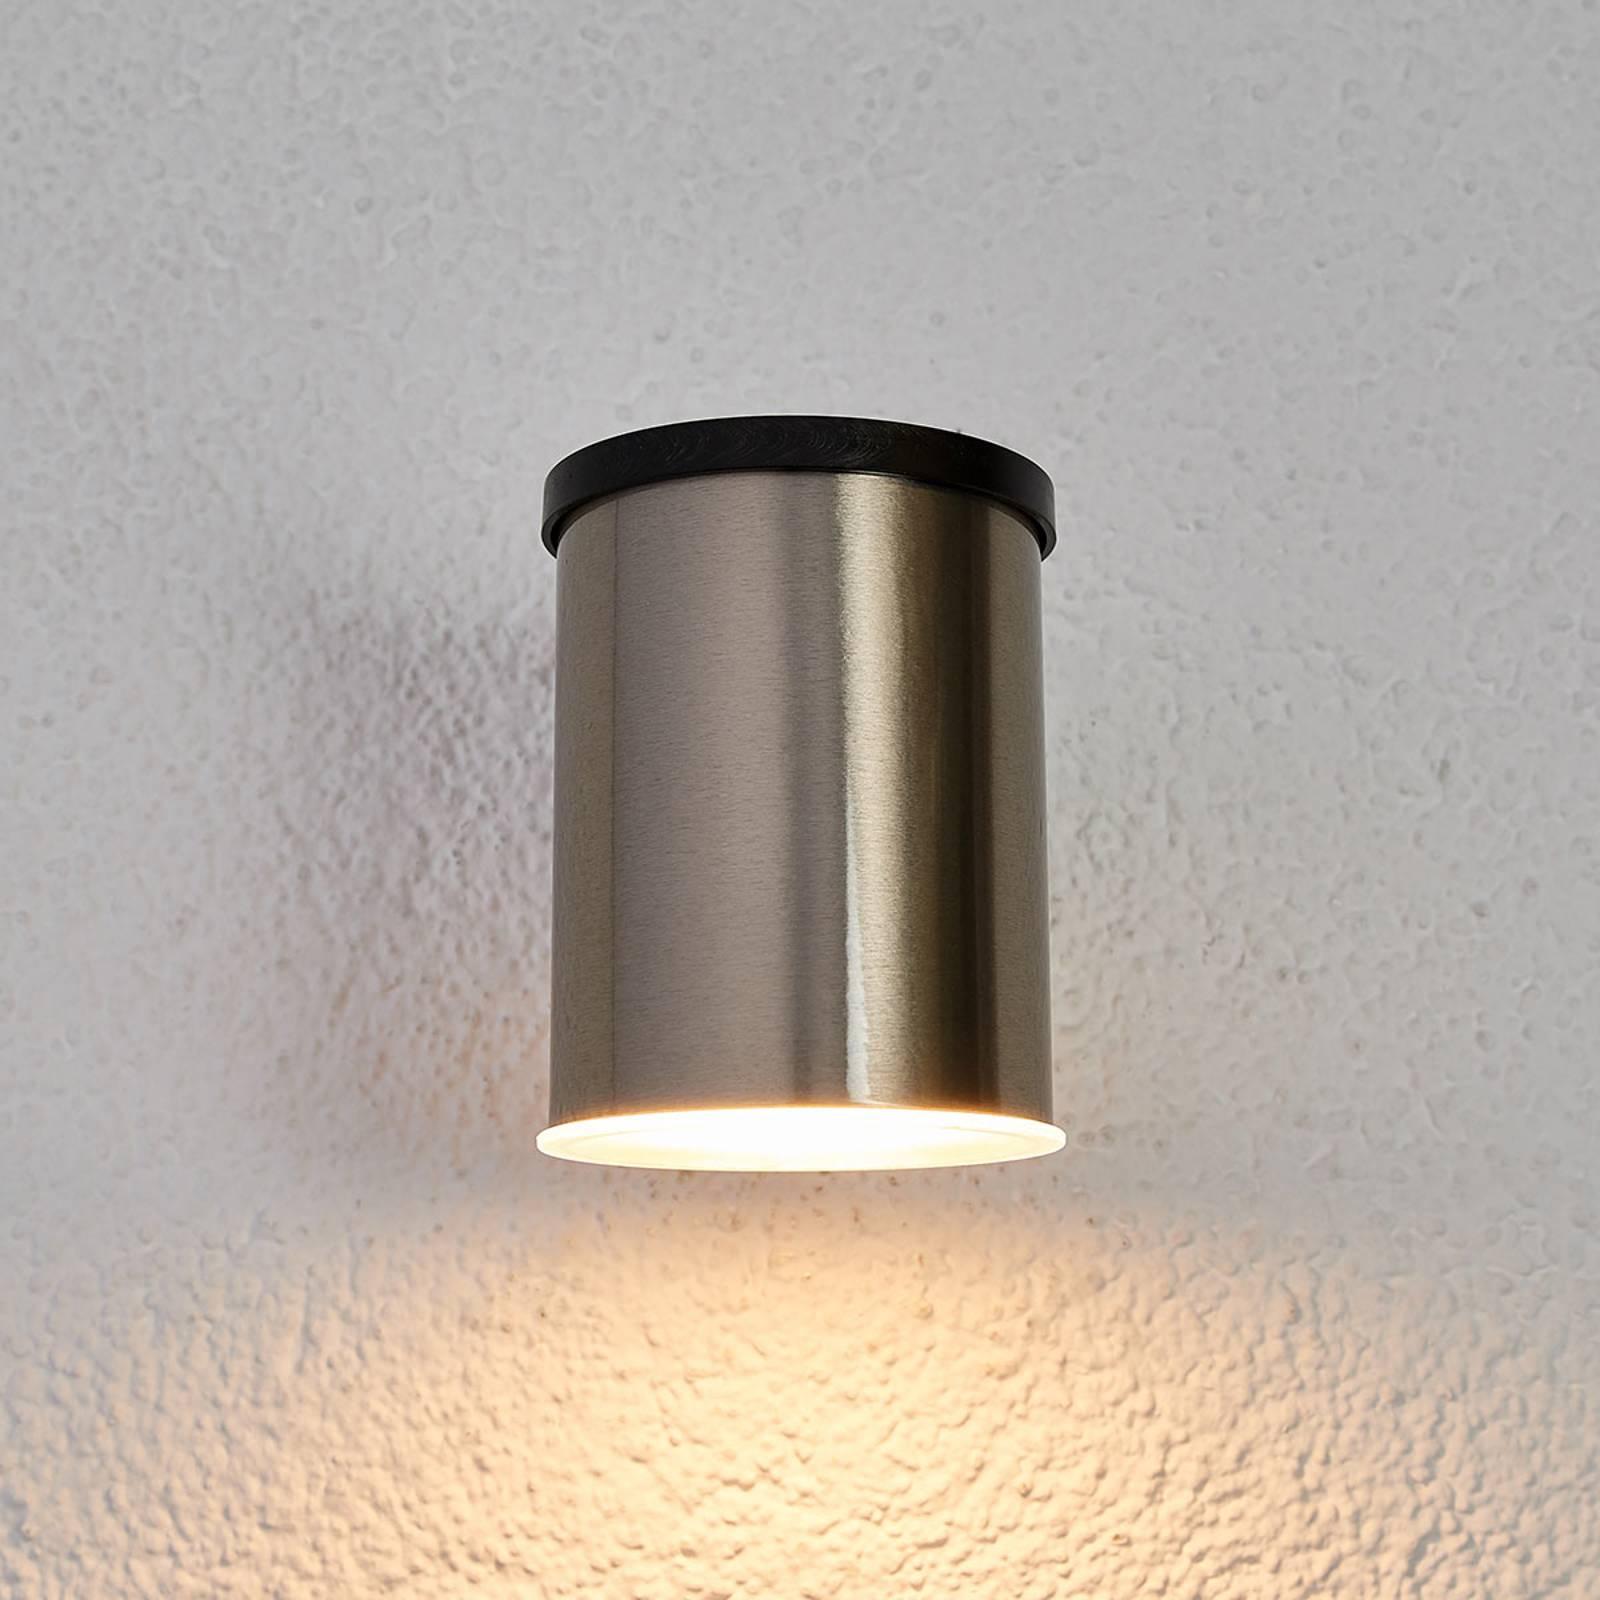 LED -aurinkoseinävalaisin Tyson, pyöreä, kirkas